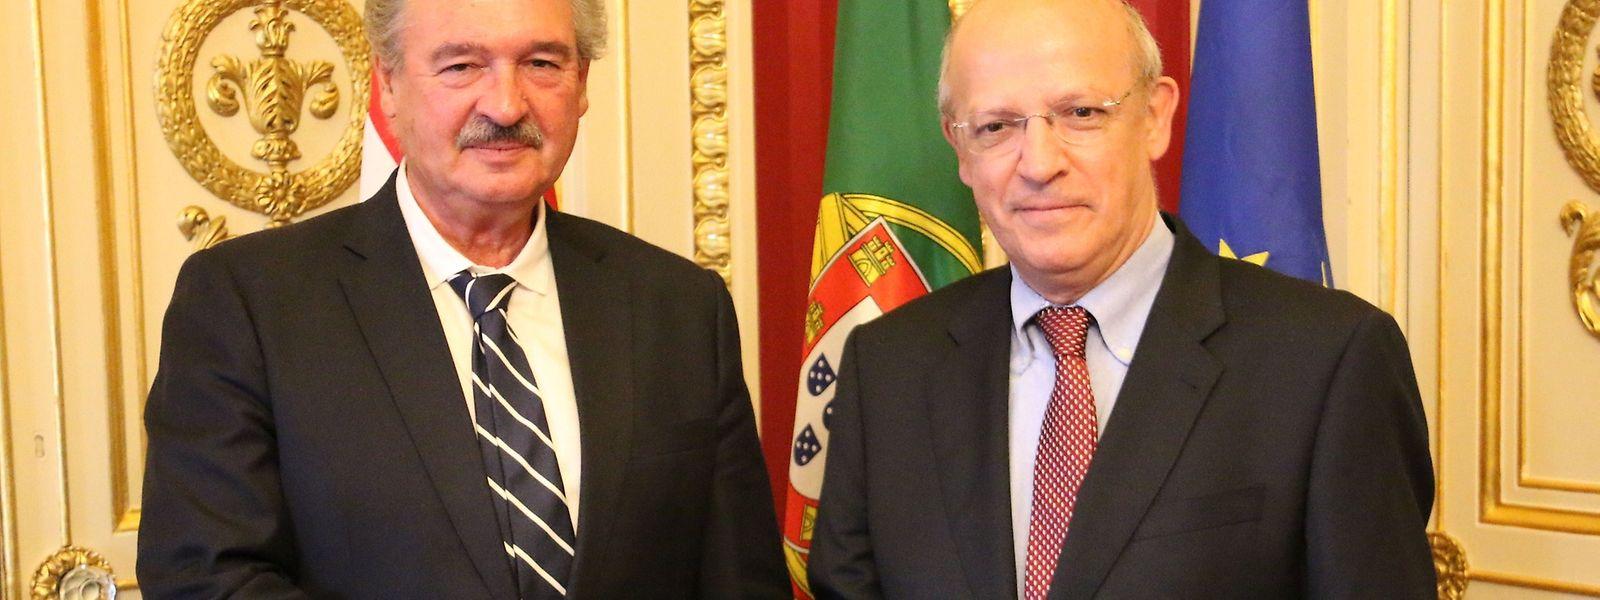 O ministro dos Negócios Estrangeiros do Luxemburgo, Jean Asselborn com o seu homólogo português Augusto Santos Silva